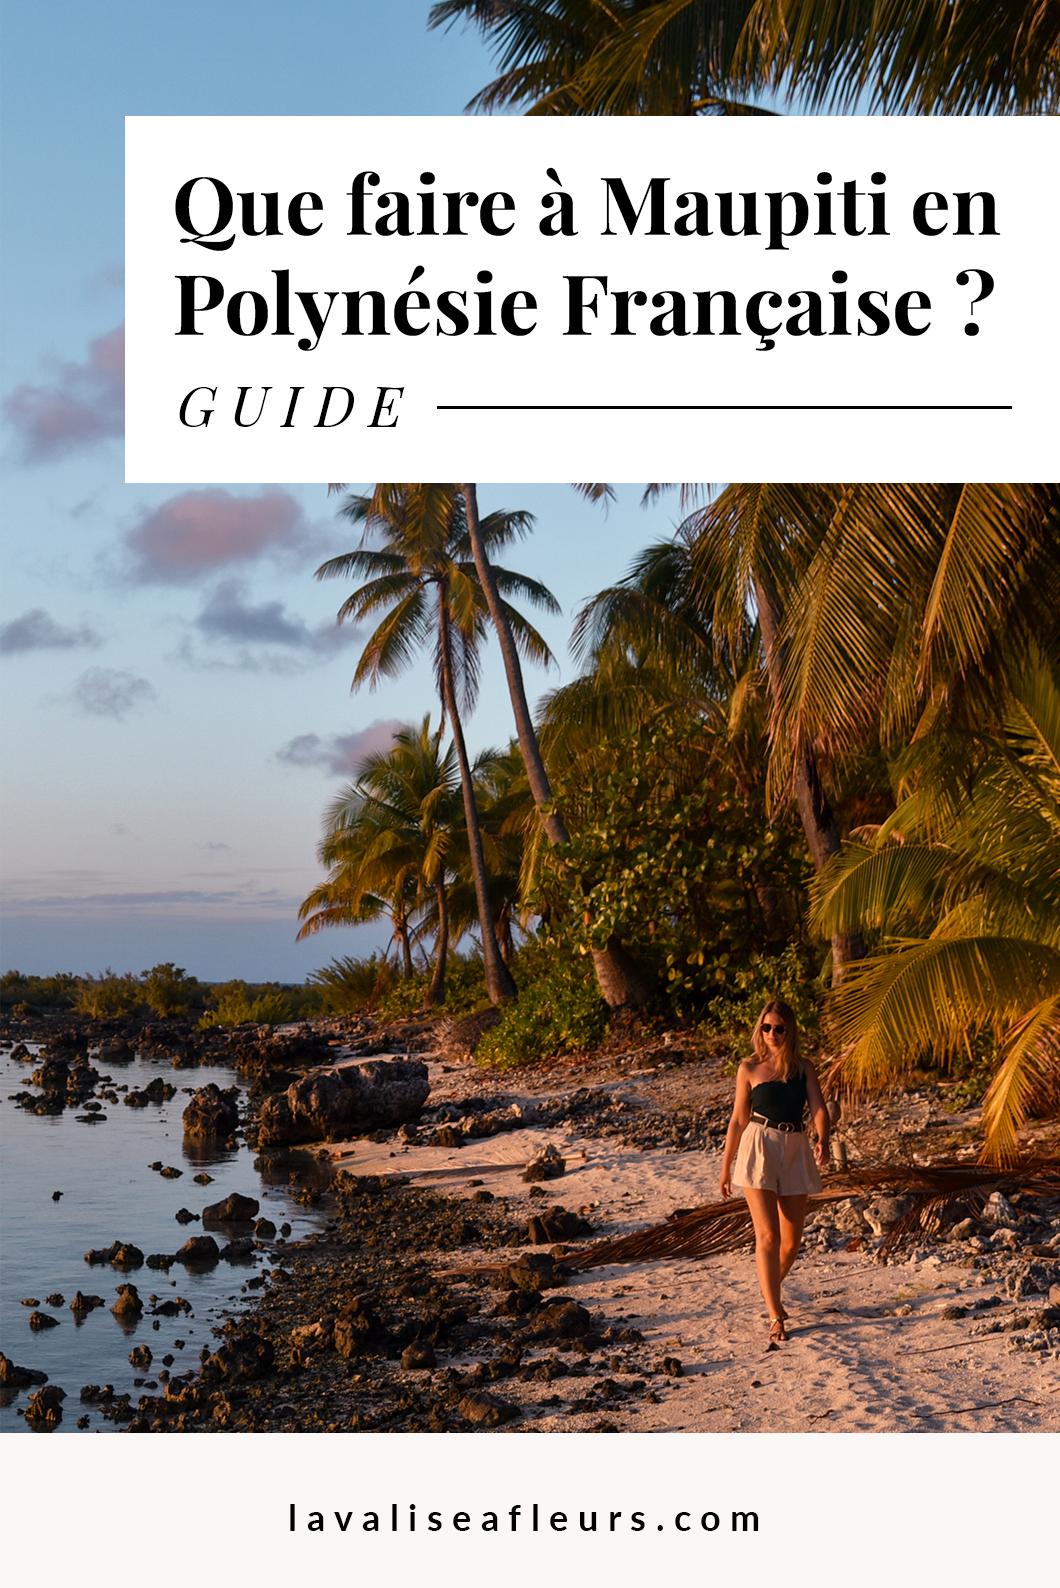 Que faire à Maupiti en Polynésie Française ? Guide des incontournables